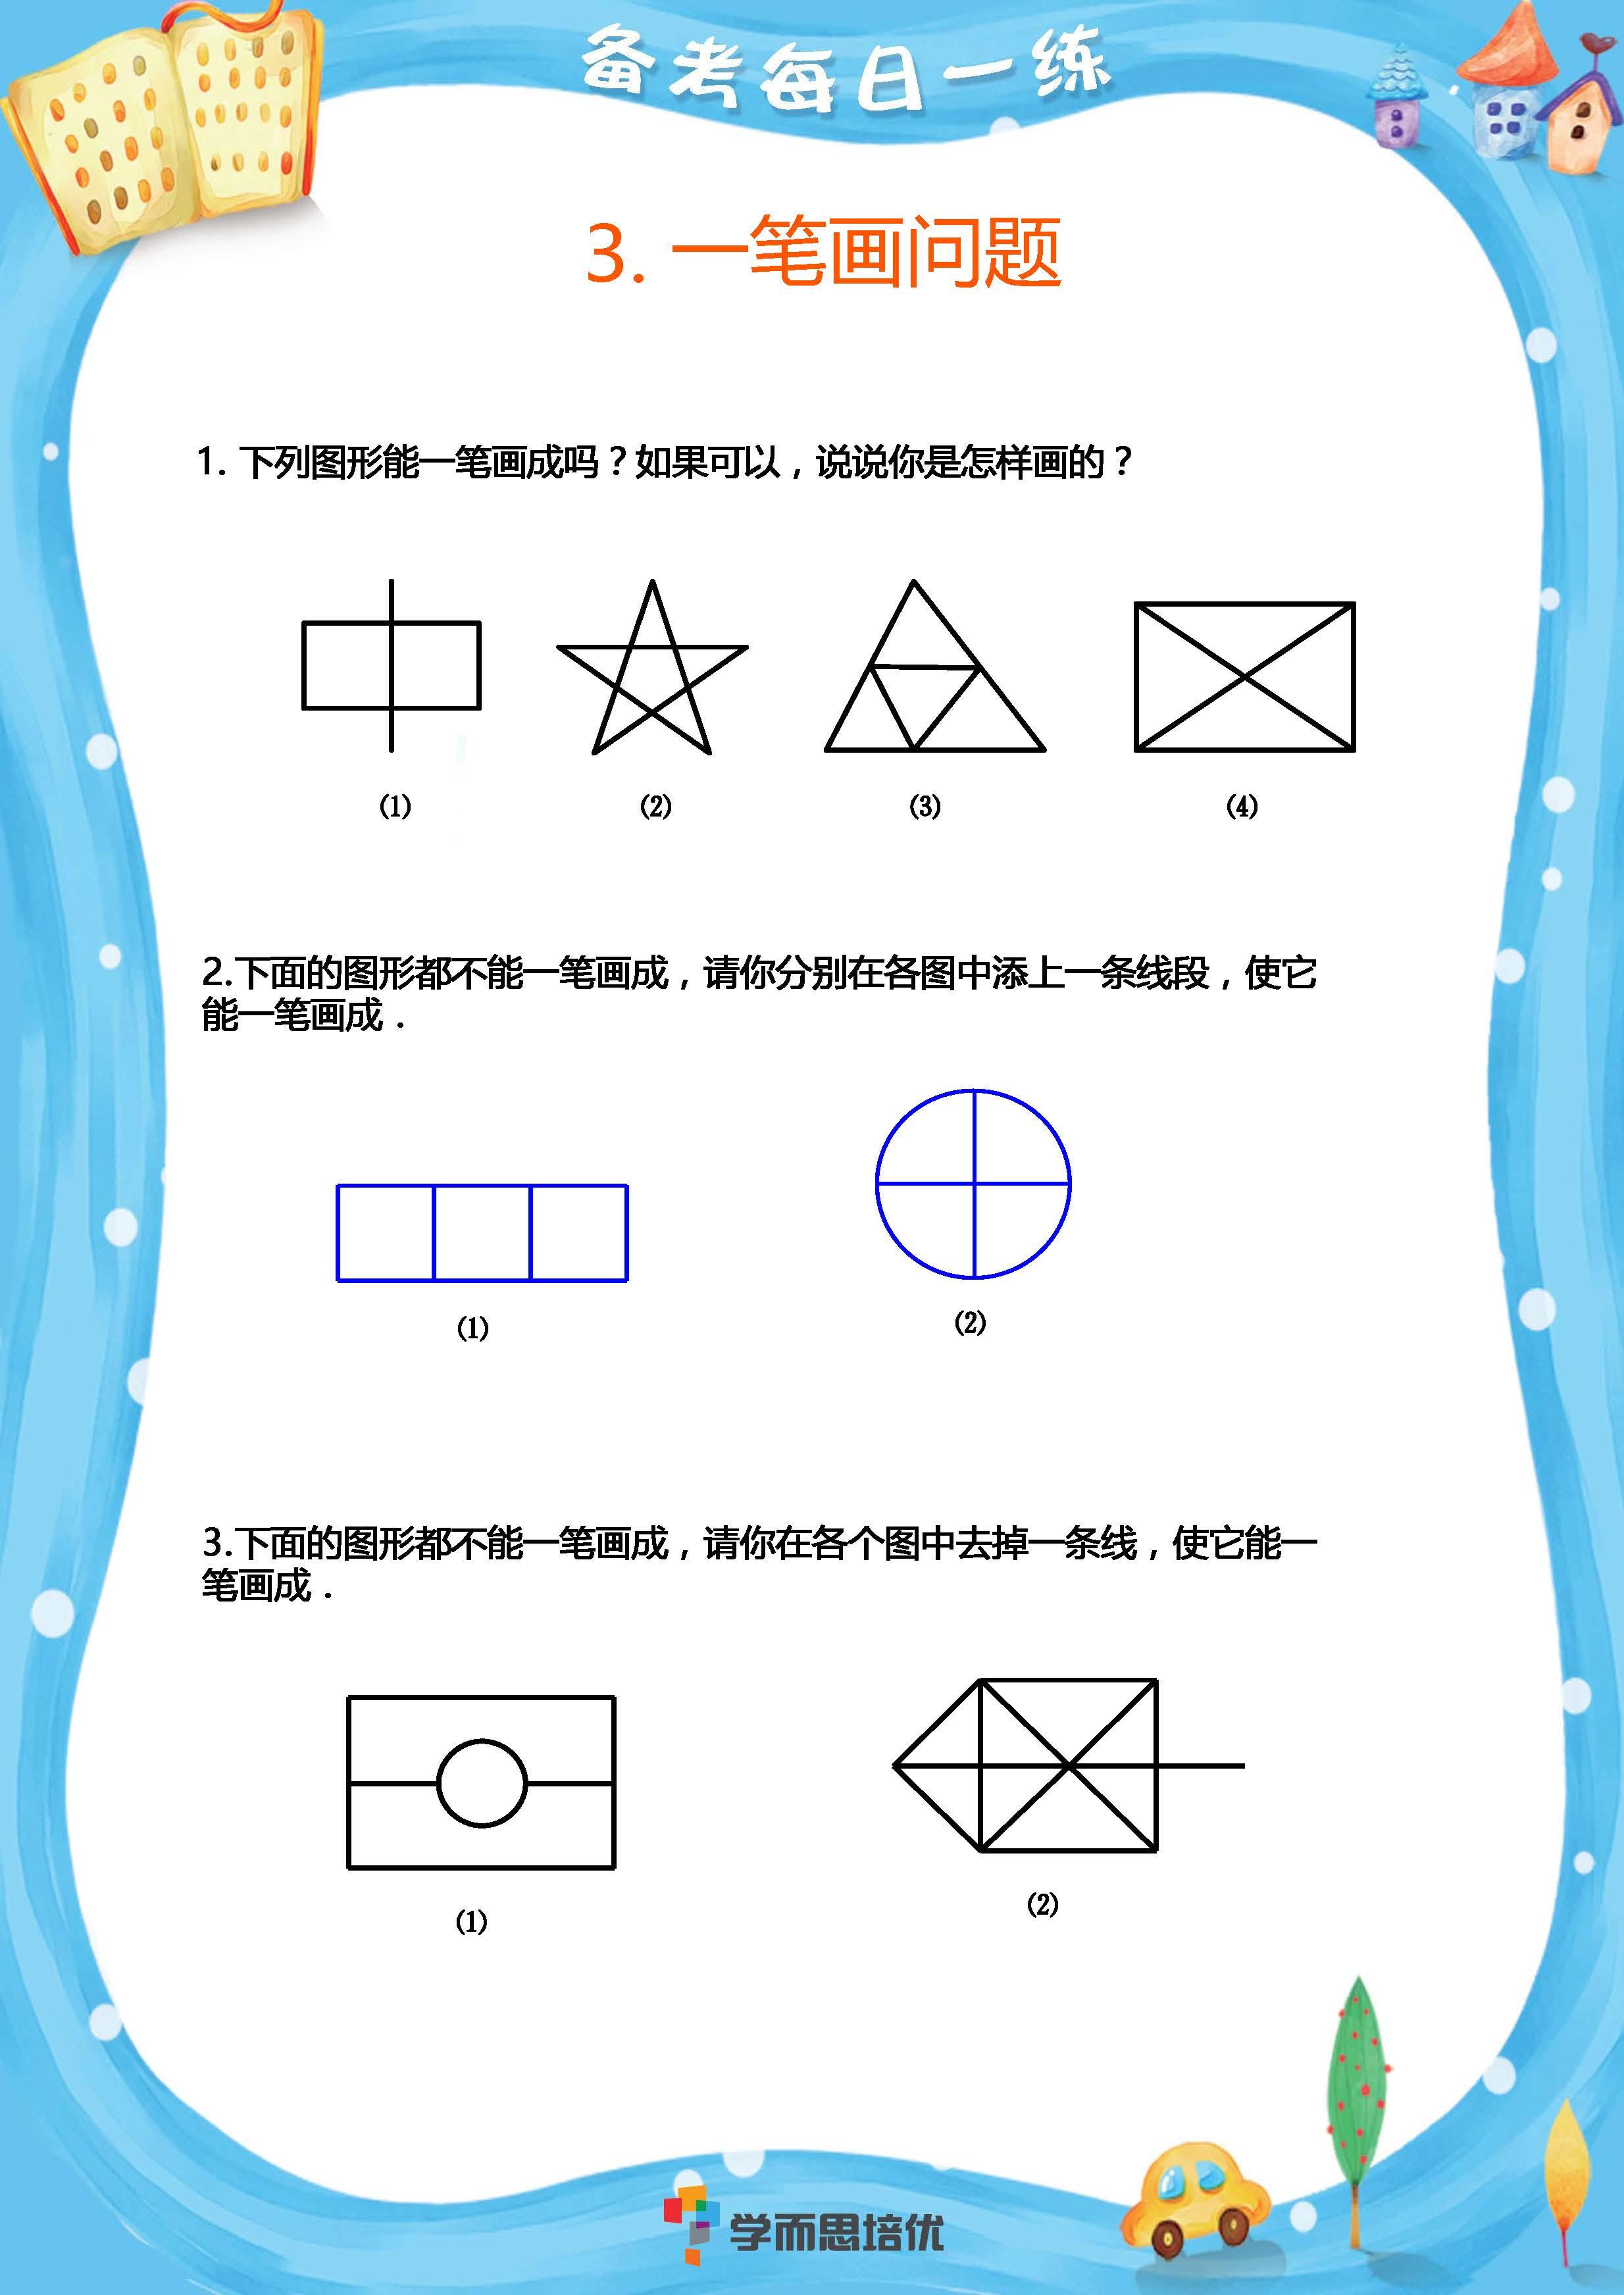 3.一笔画问题.jpg